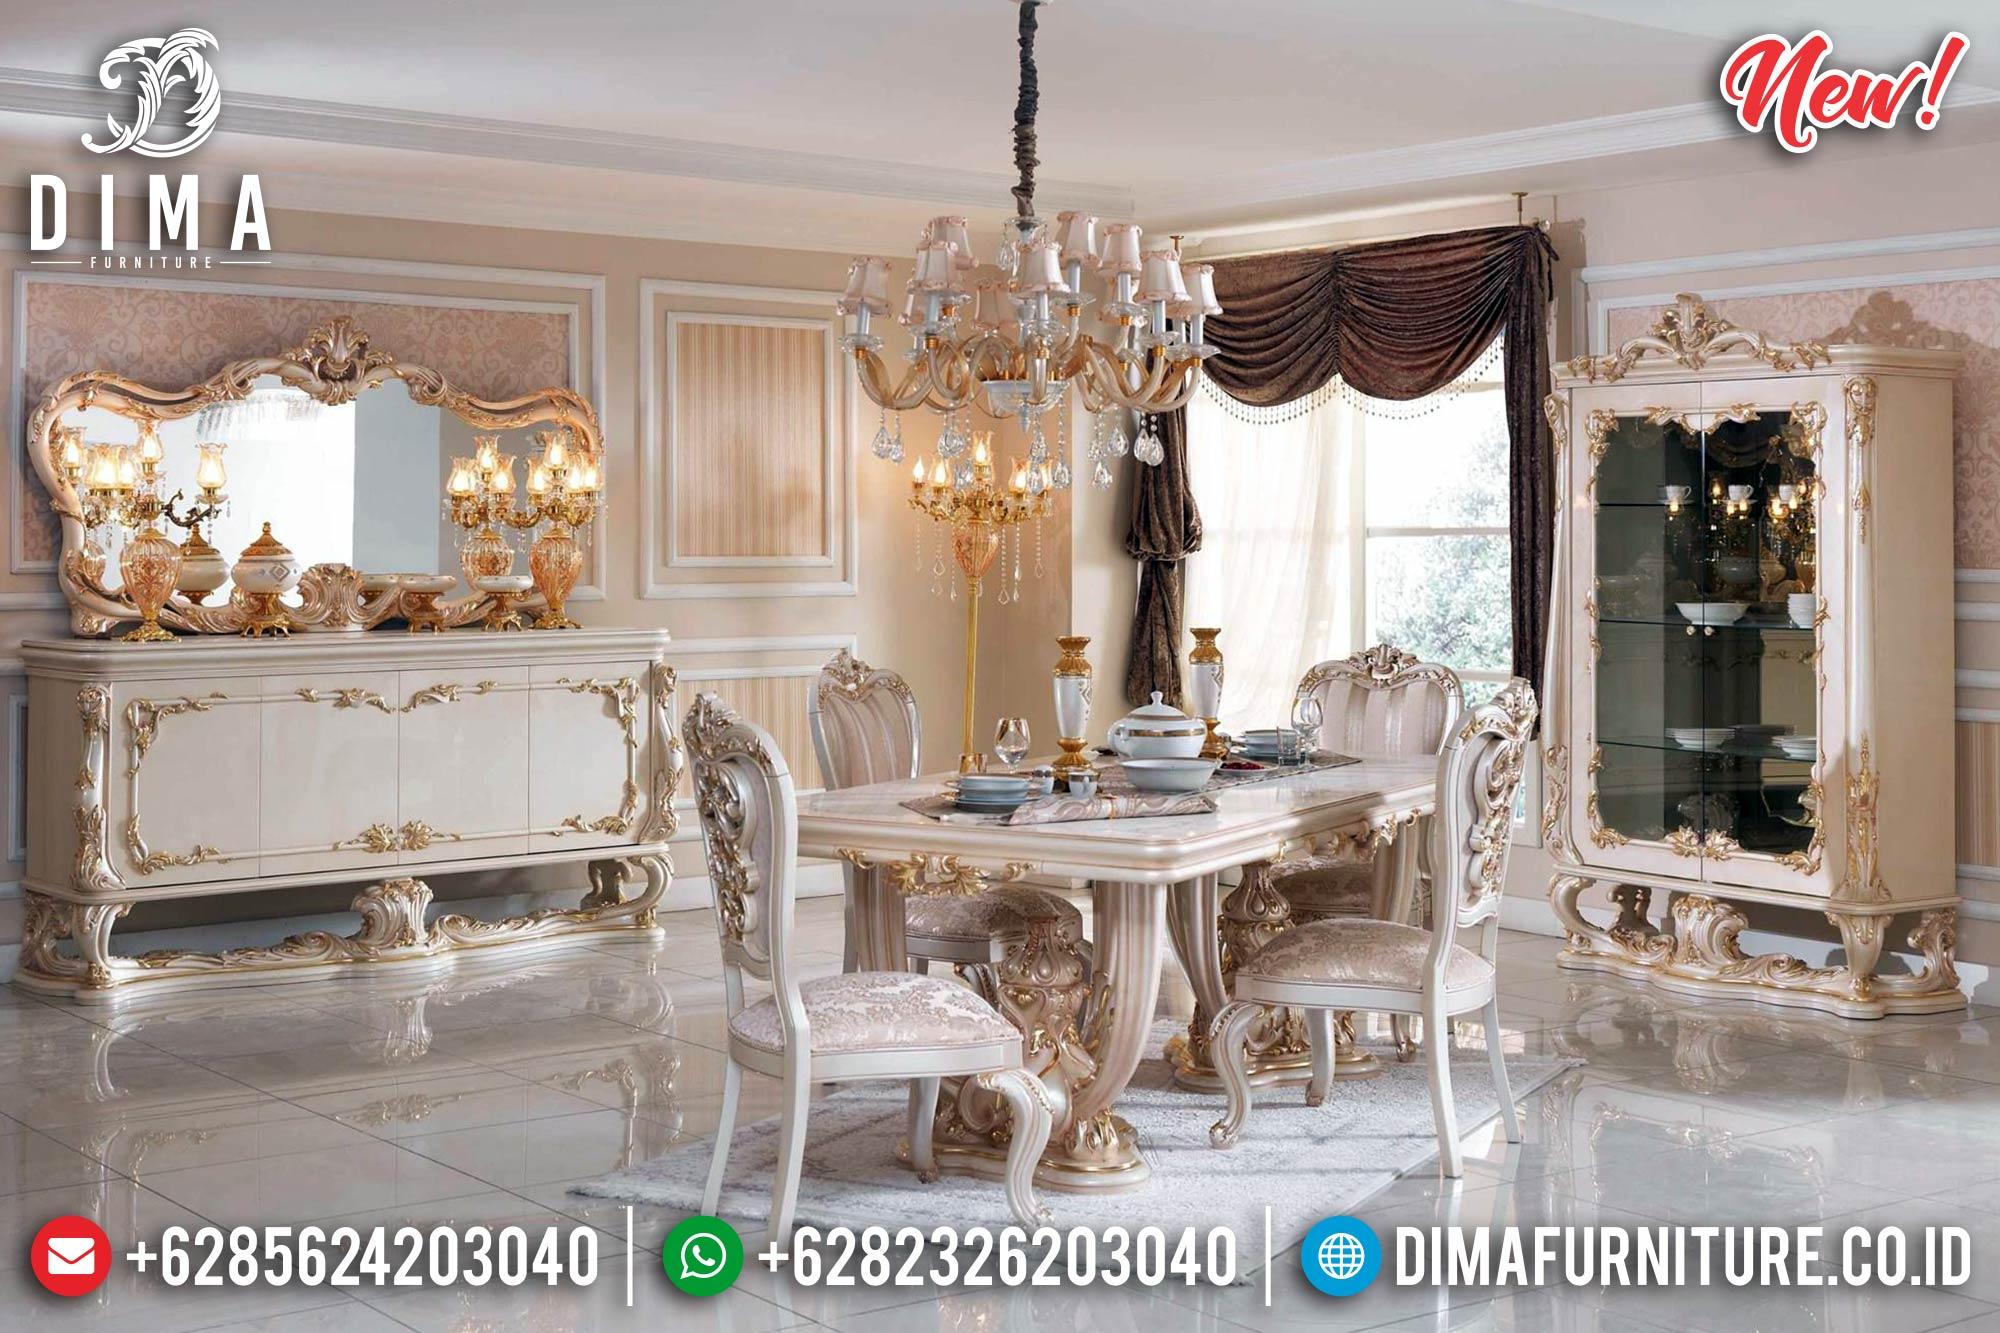 New Meja Makan Mewah Arabian Prince MM-0639